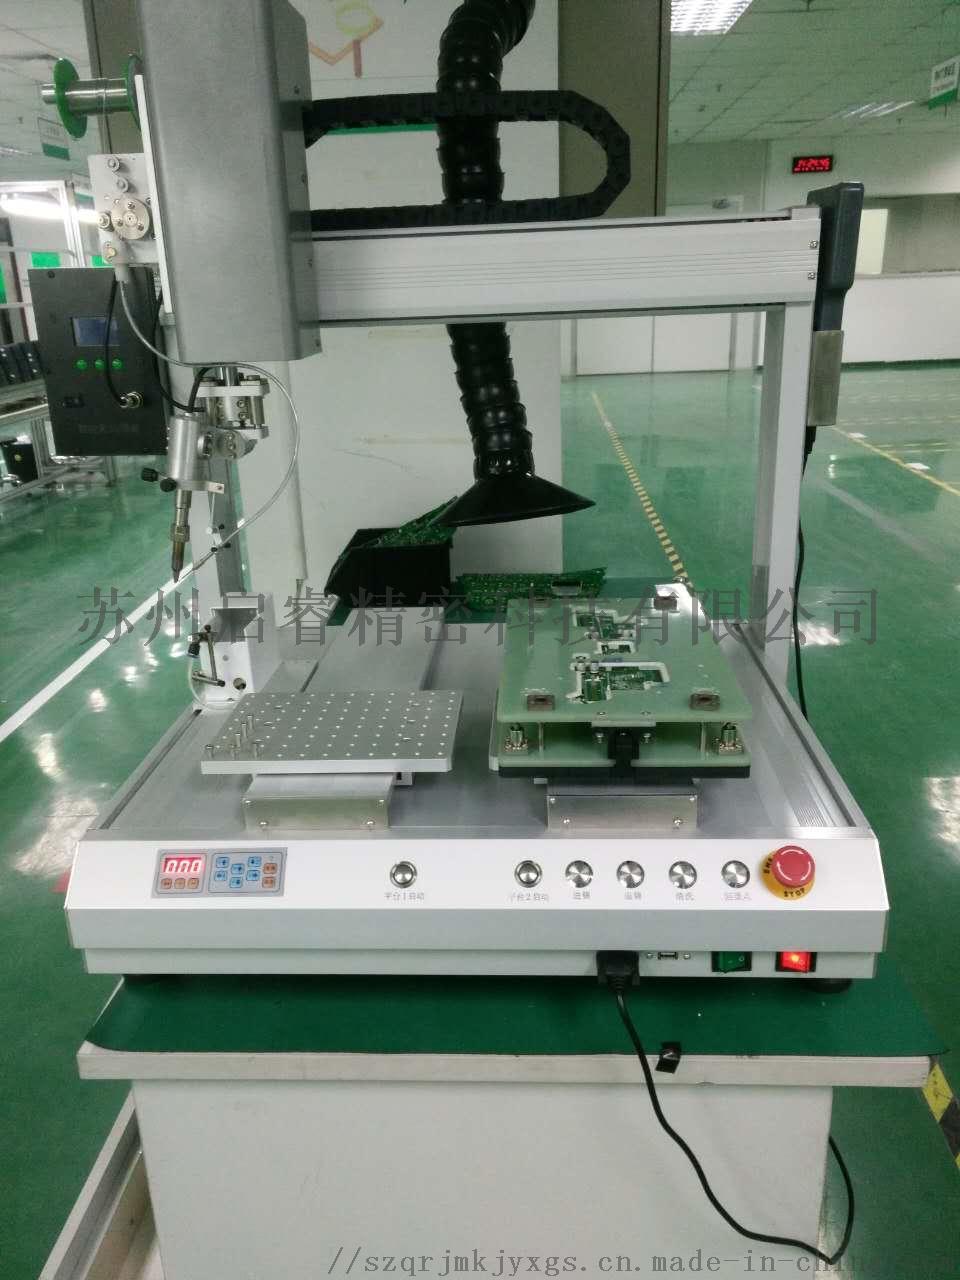 宁波自动焊锡机运动平台供应商 嘉兴插针焊锡设备厂家870554745